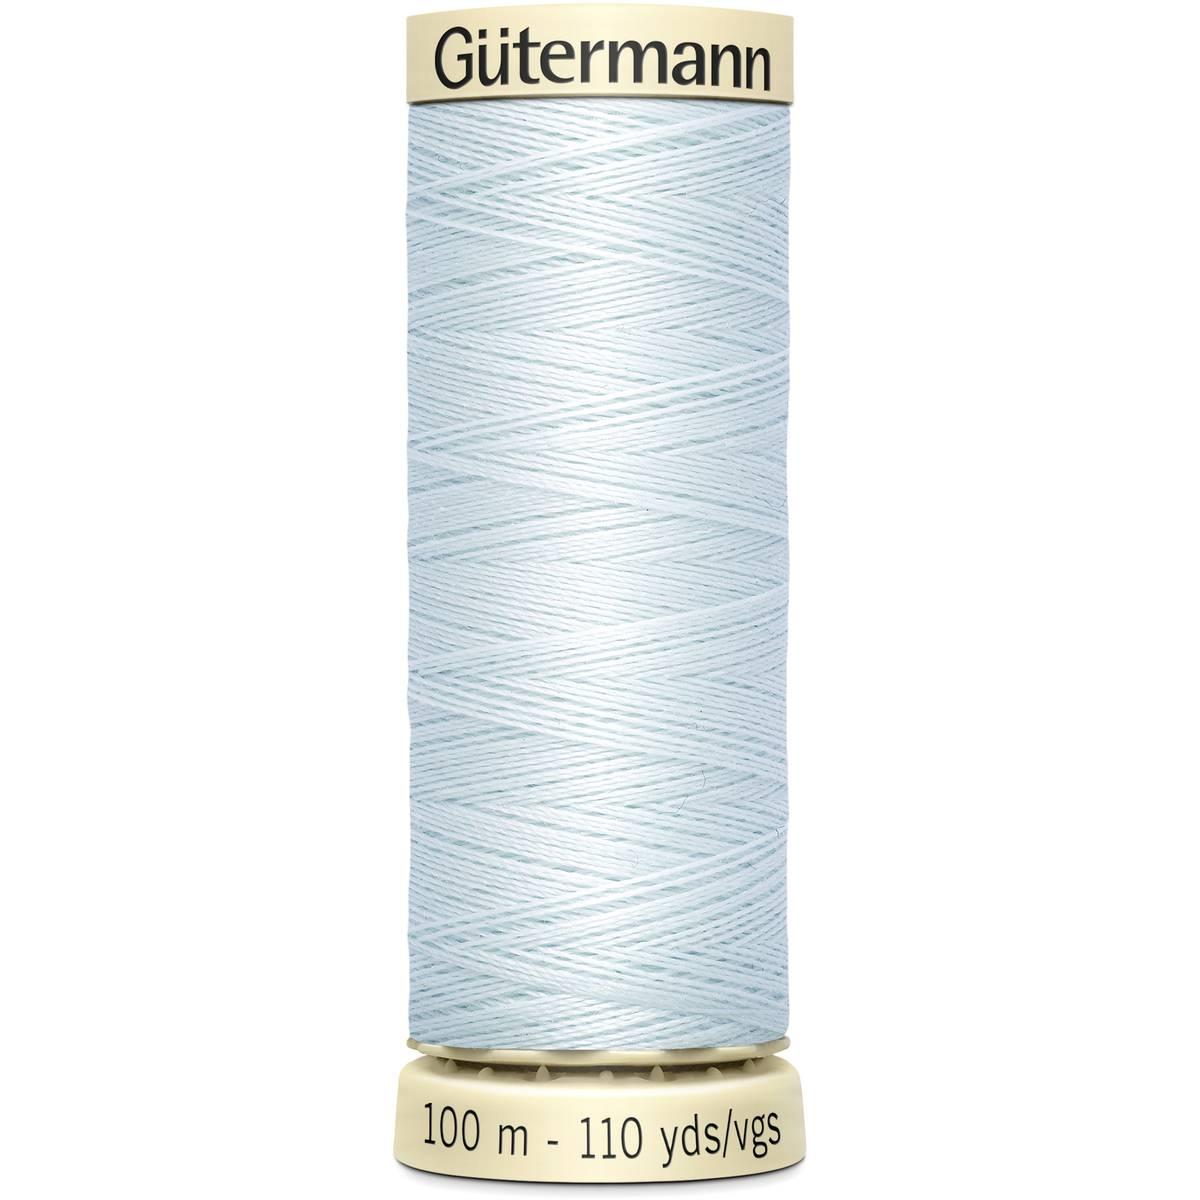 חוט תפירה גוטרמן - Blue 193